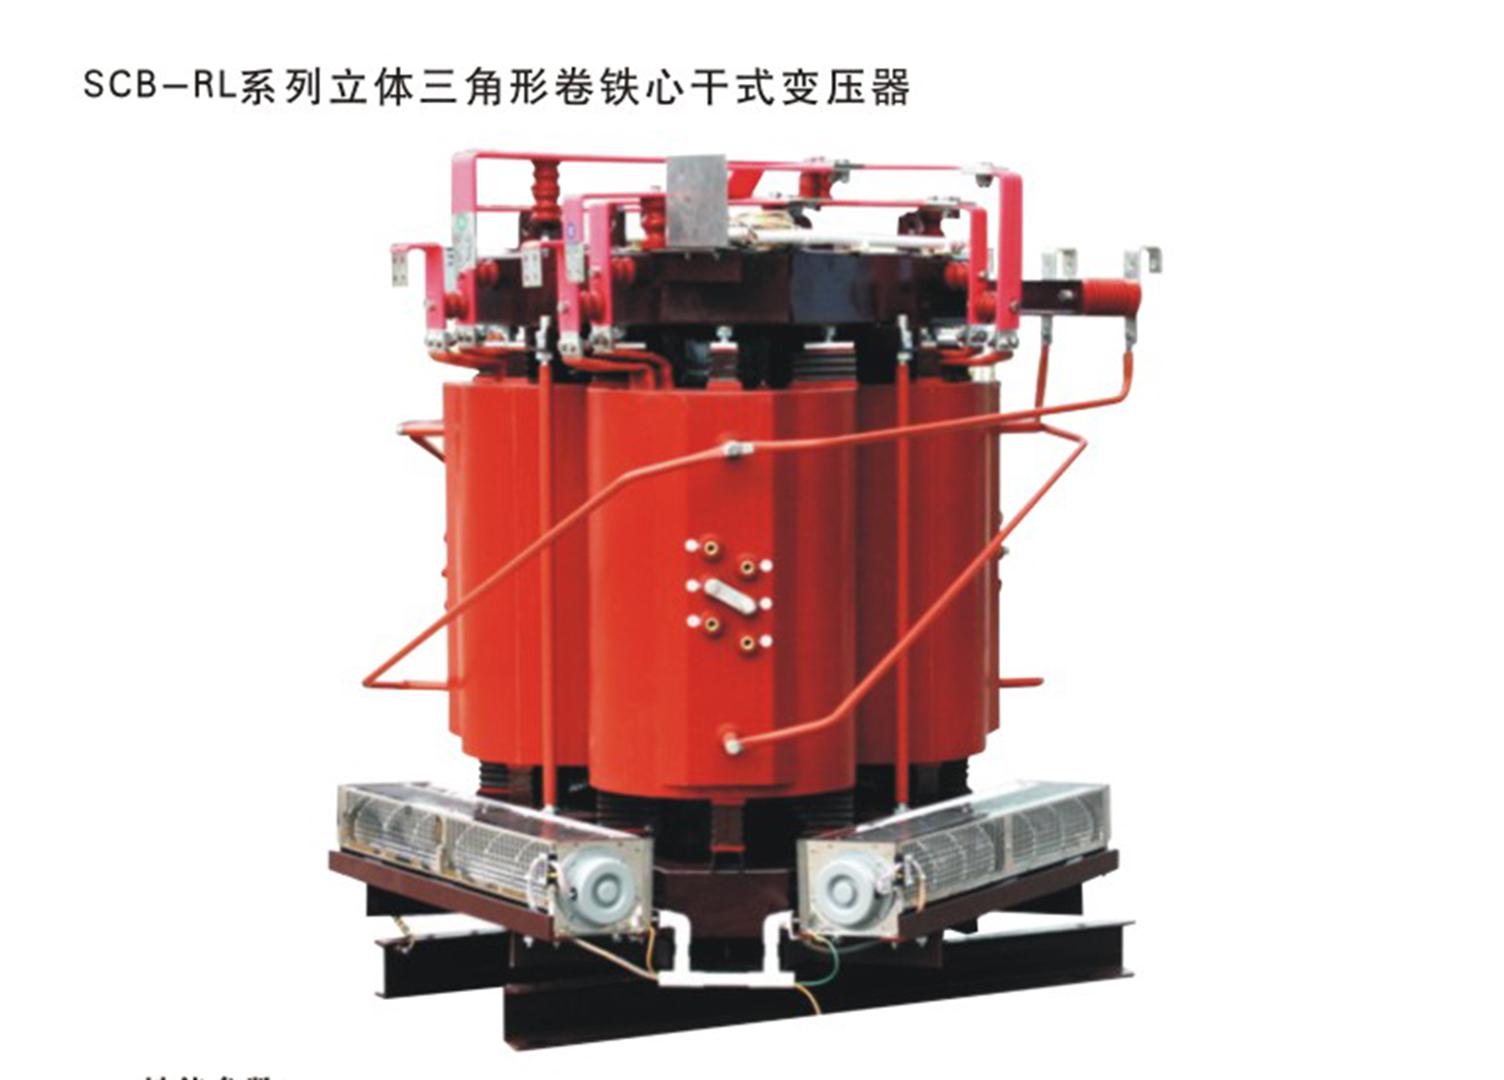 巻鉄心干式变压器